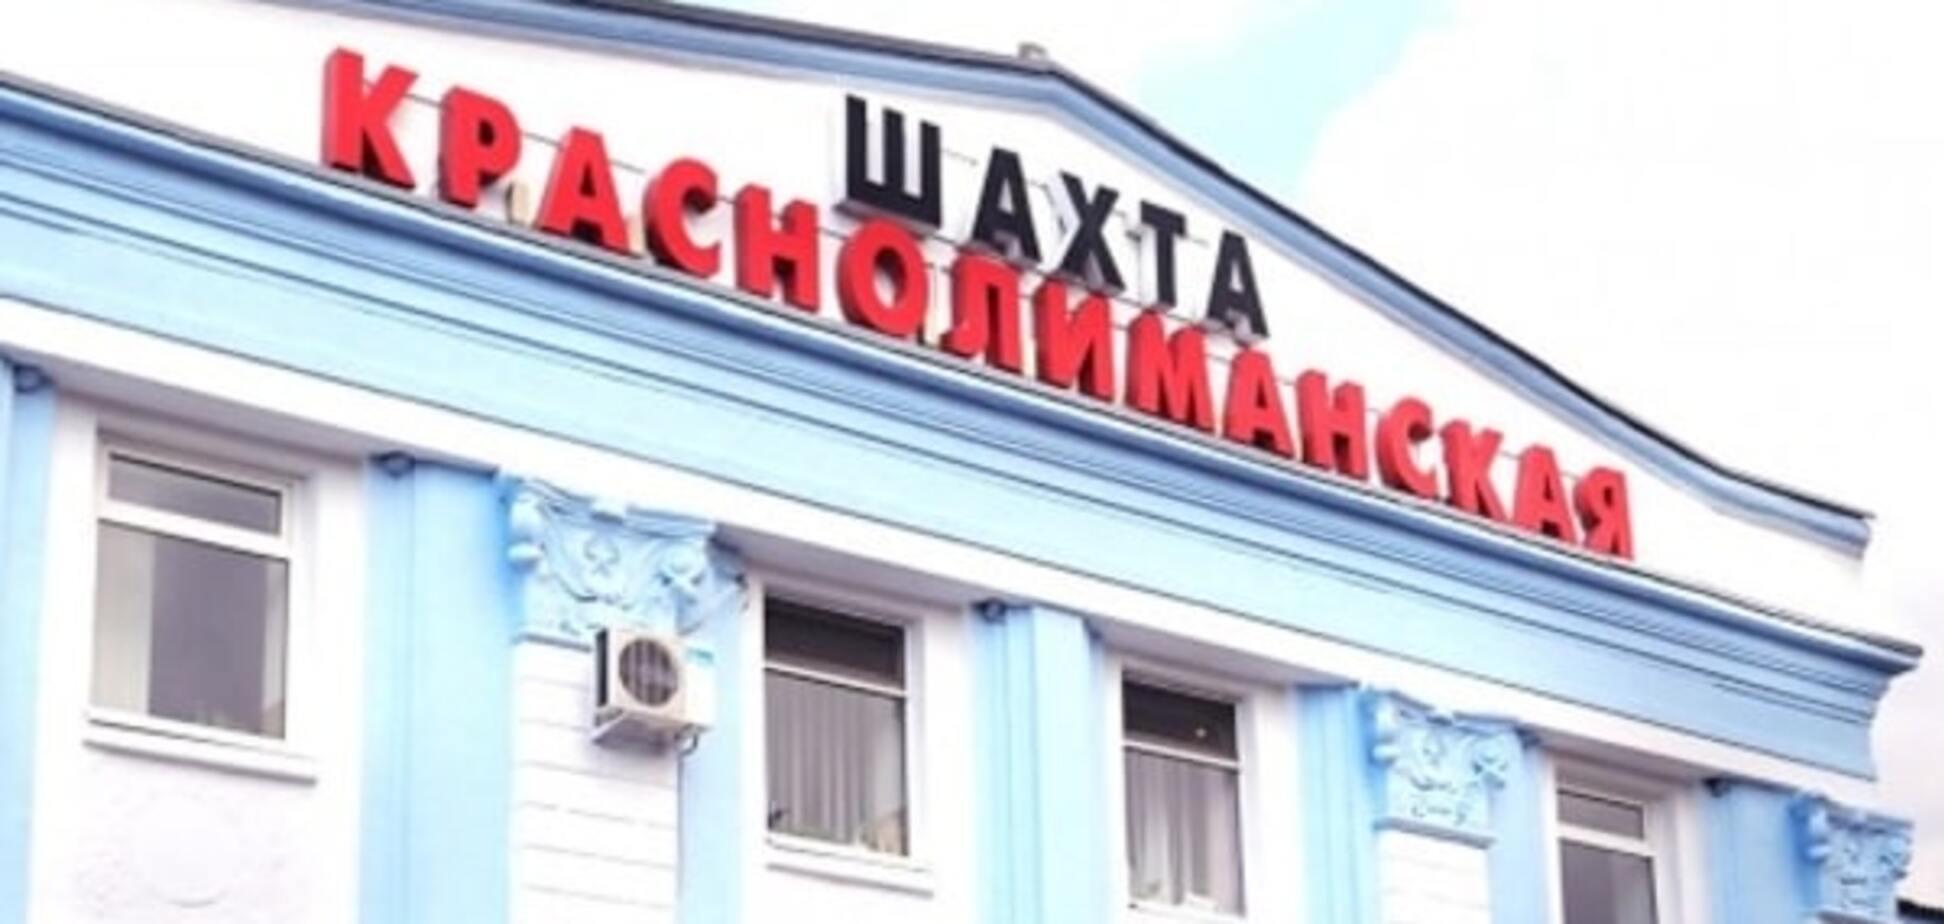 Директору ДП 'Краснолиманська' призначили астрономічну заставу